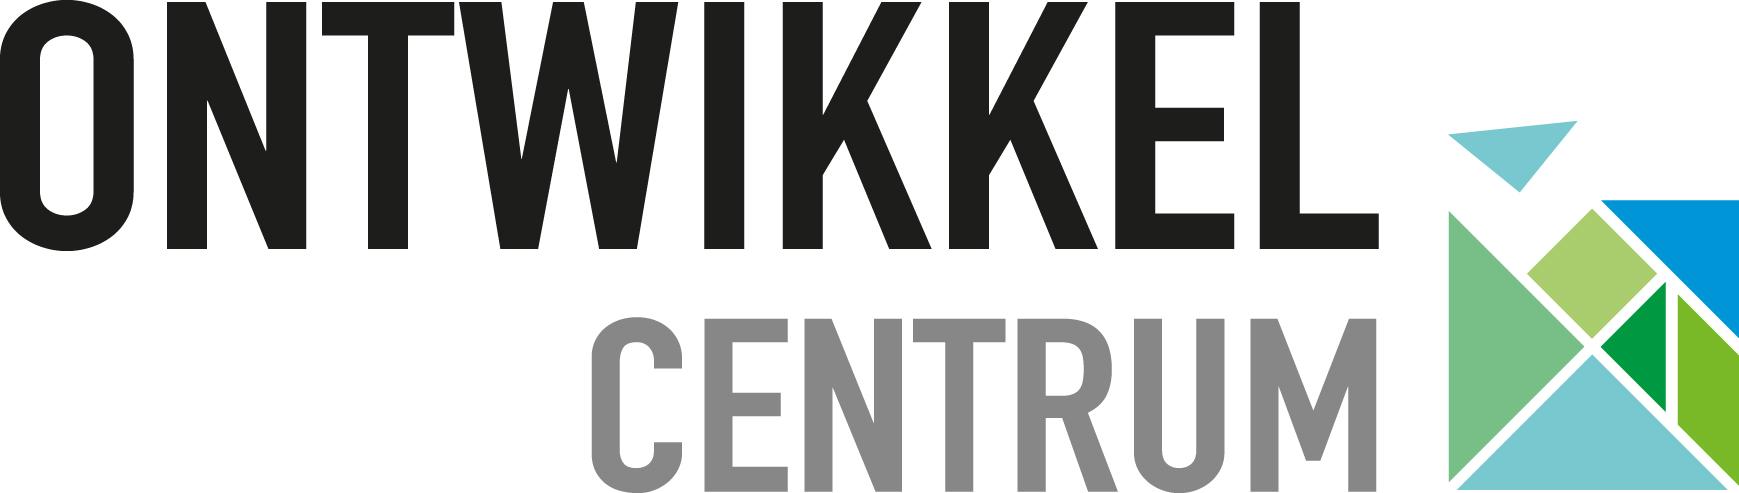 Nieuwe website Ontwikkelcentrum